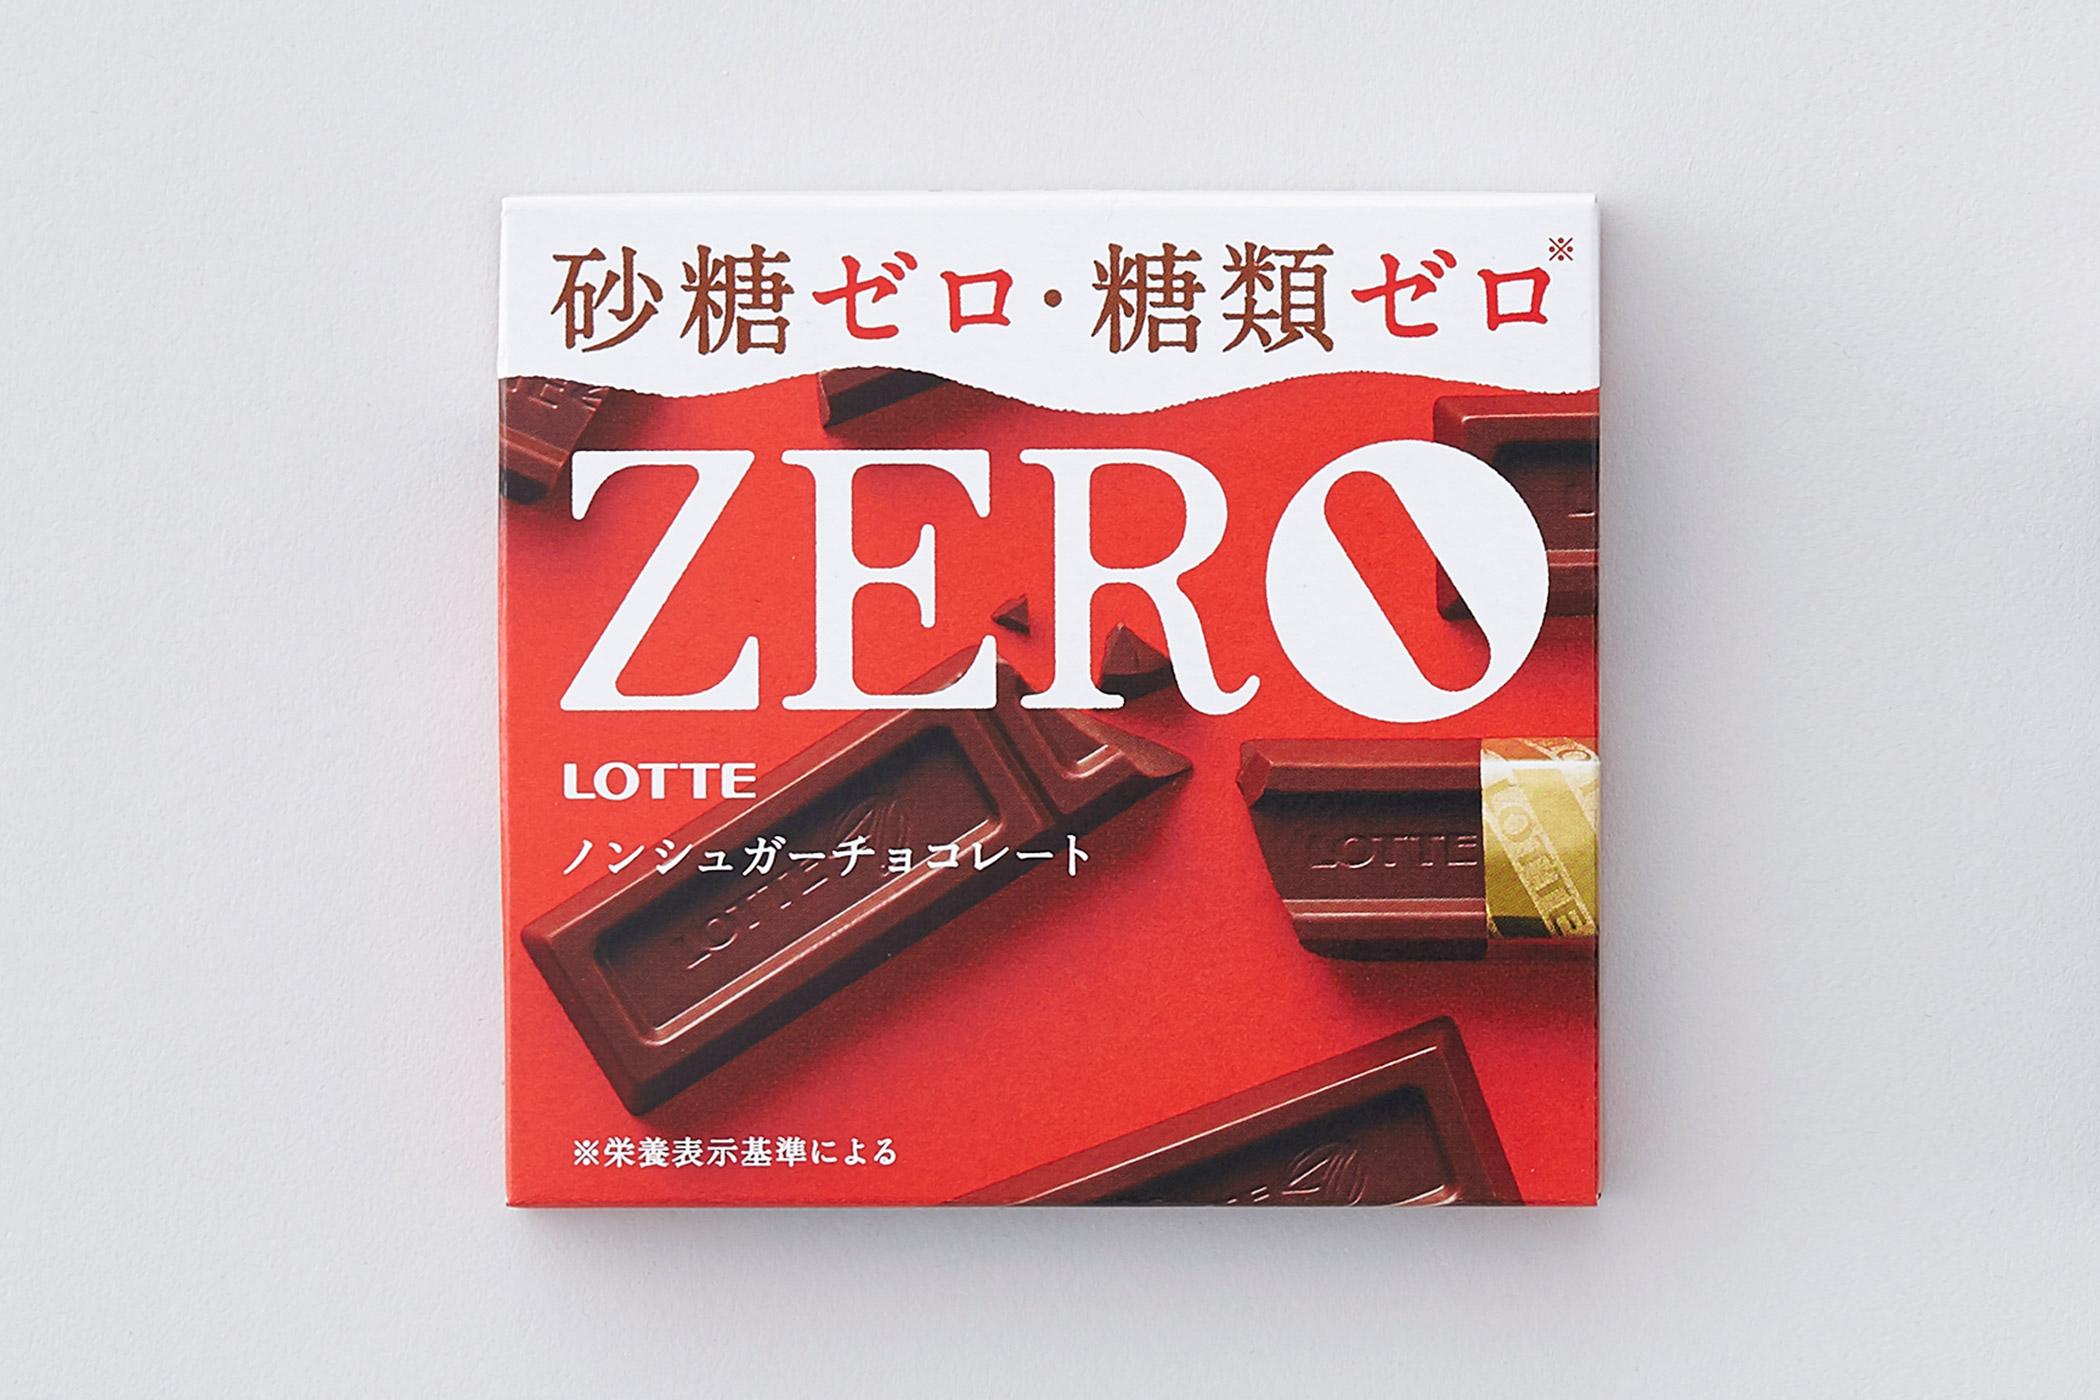 ロッテ ZERO